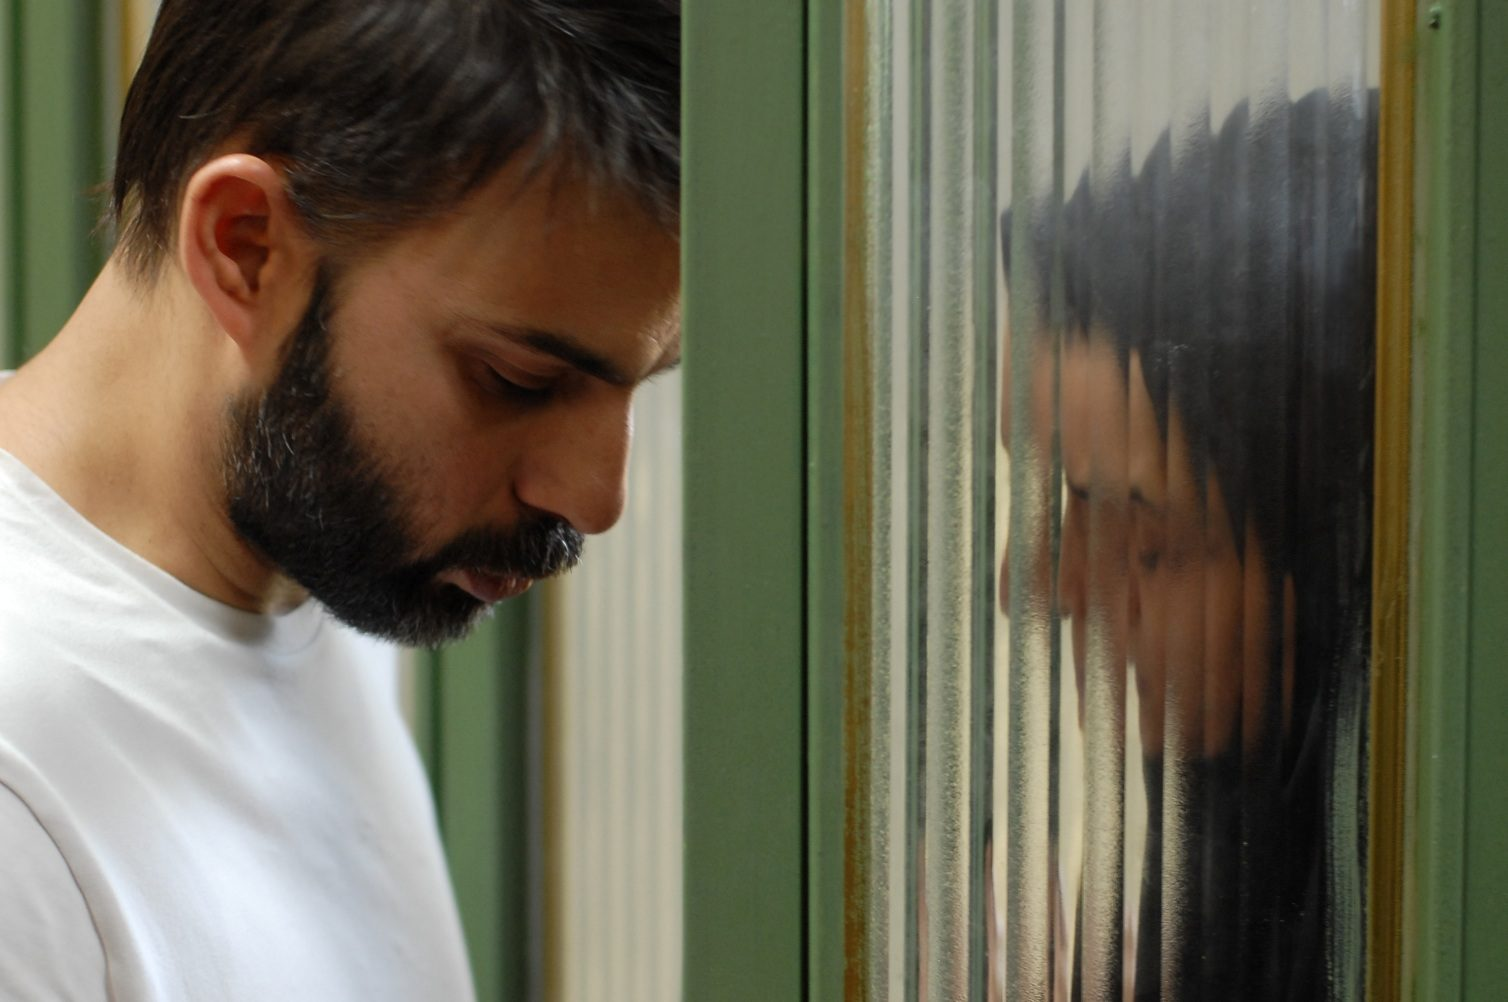 Iraniancinema2-nedalasheydaee